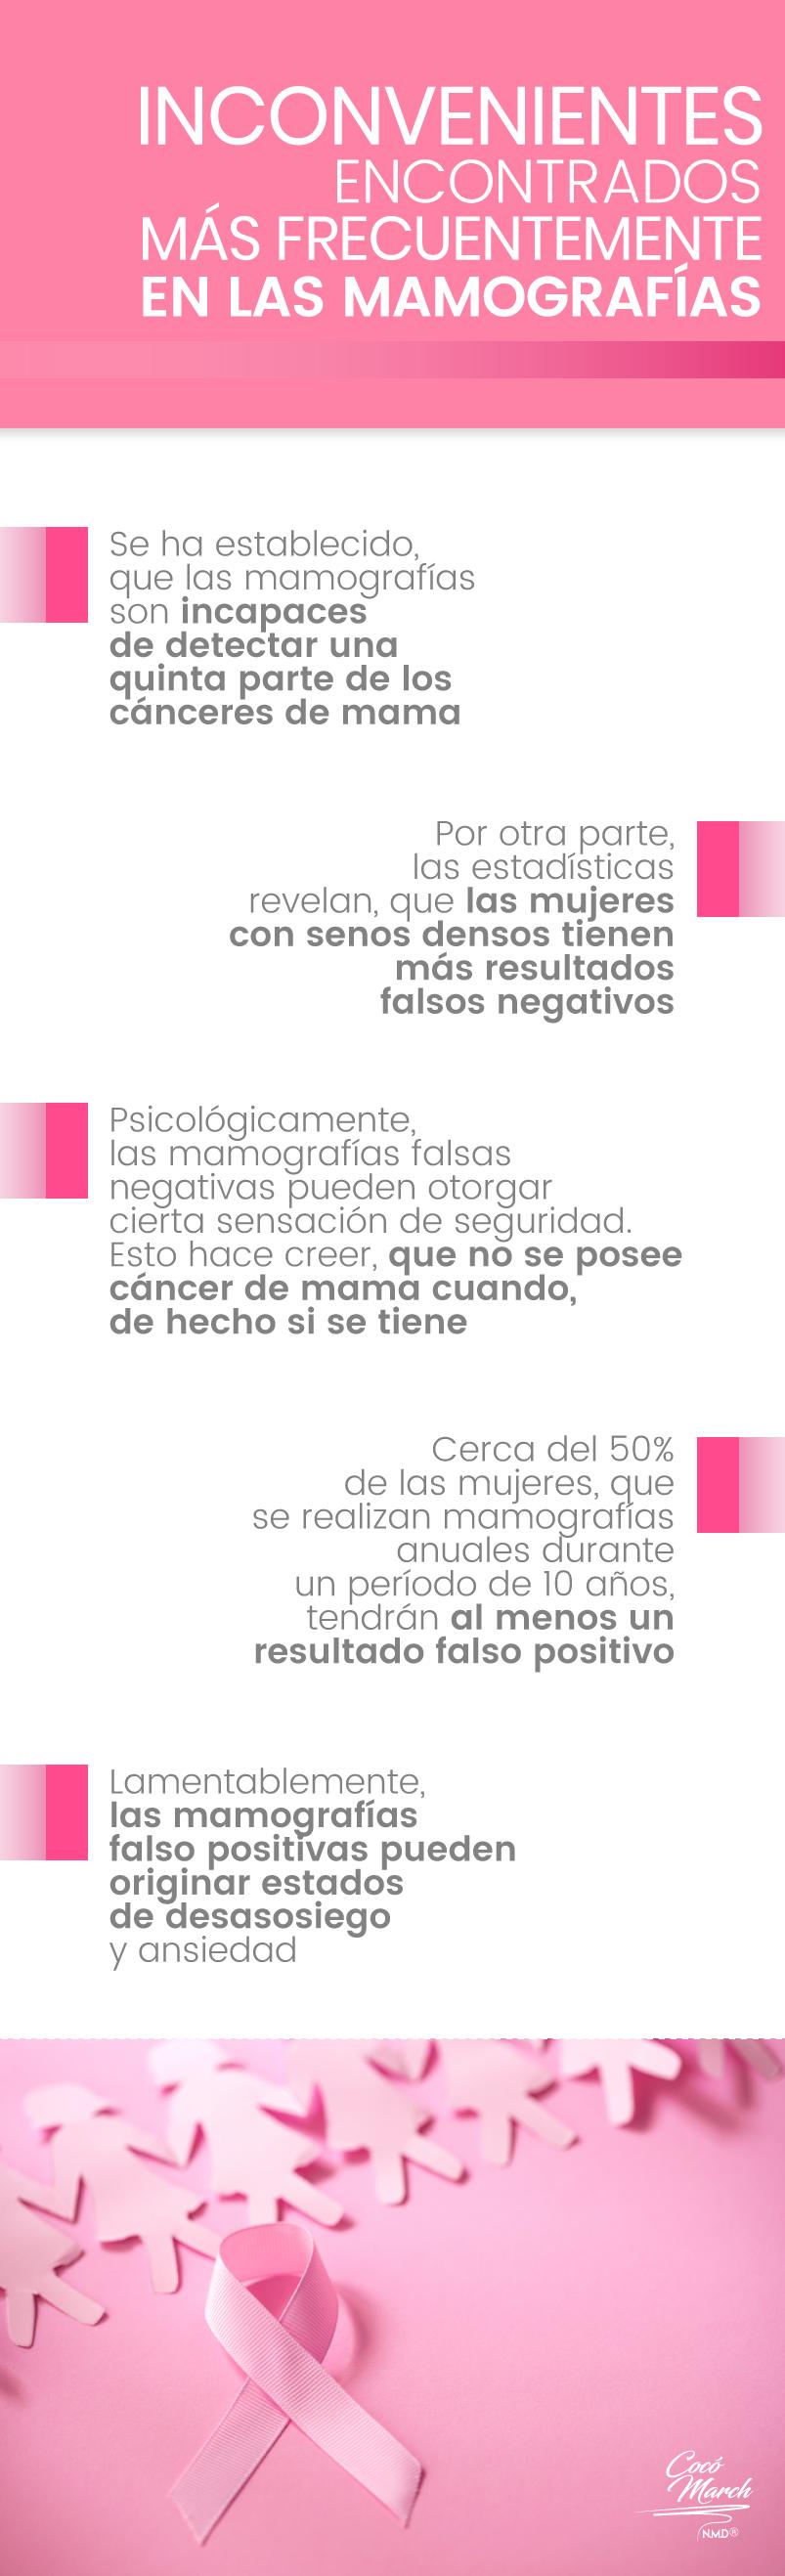 inconvenientes-de-la-mamografia